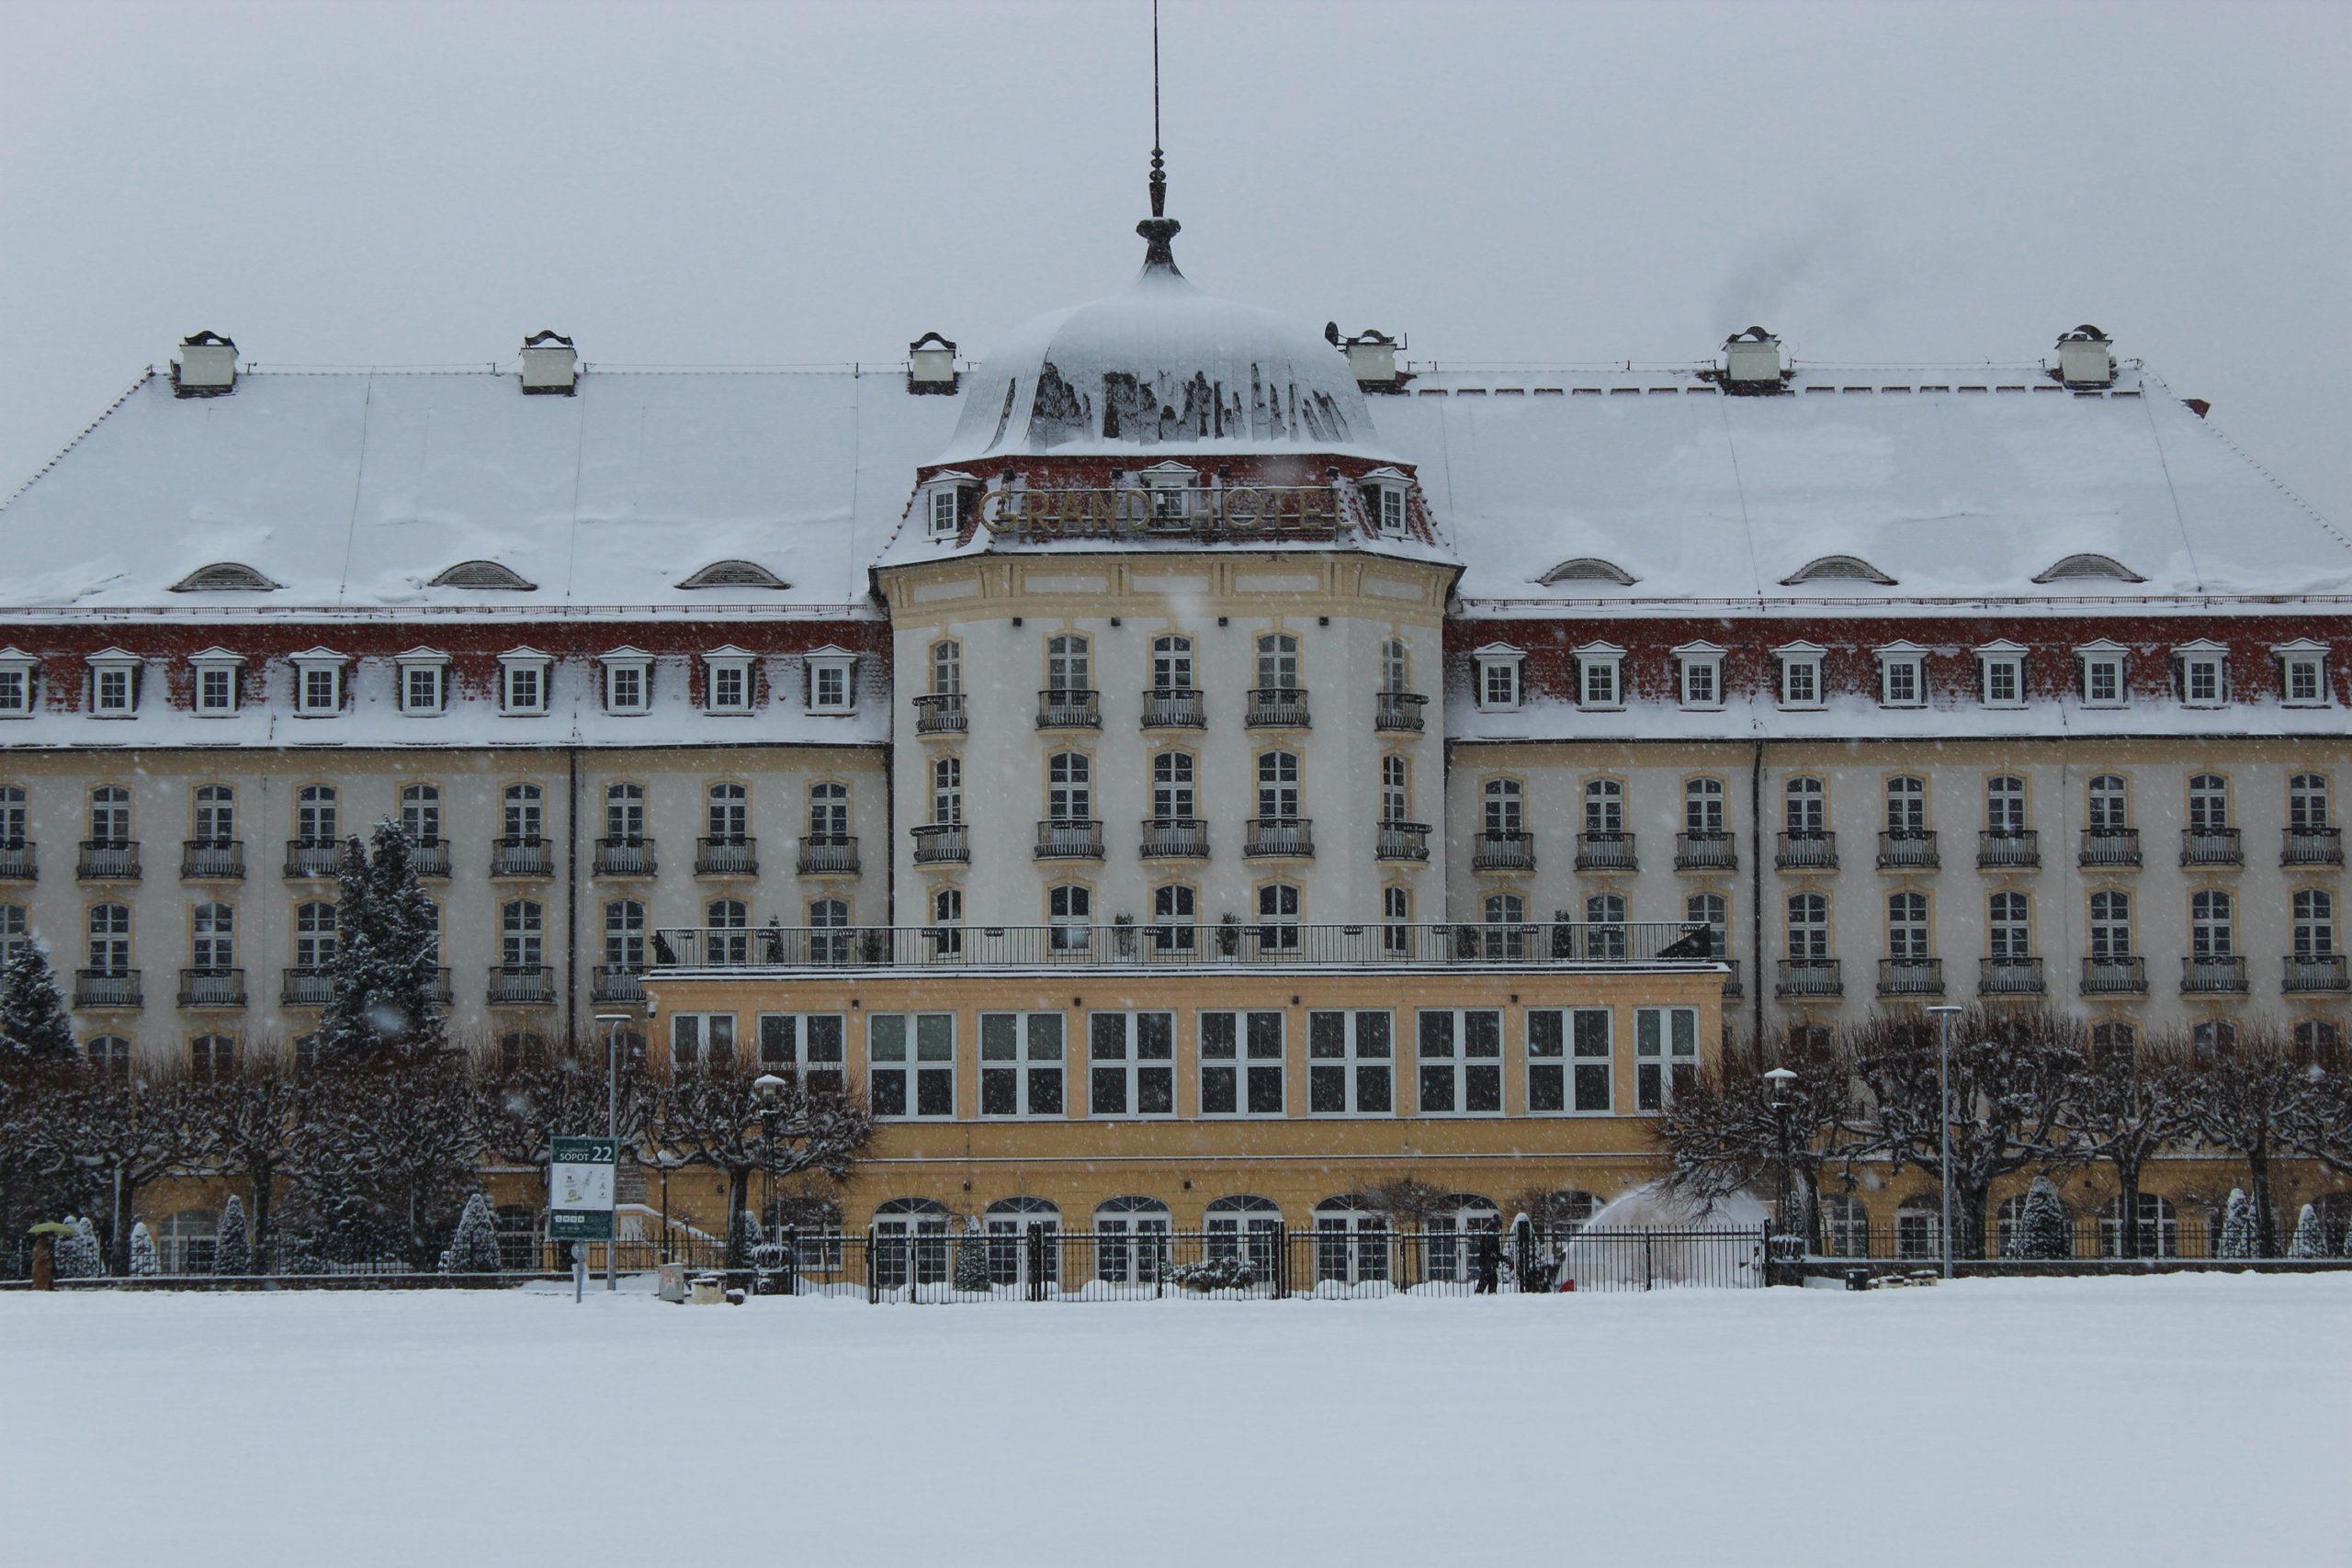 widok na budynek, dach pokryty śniegiem